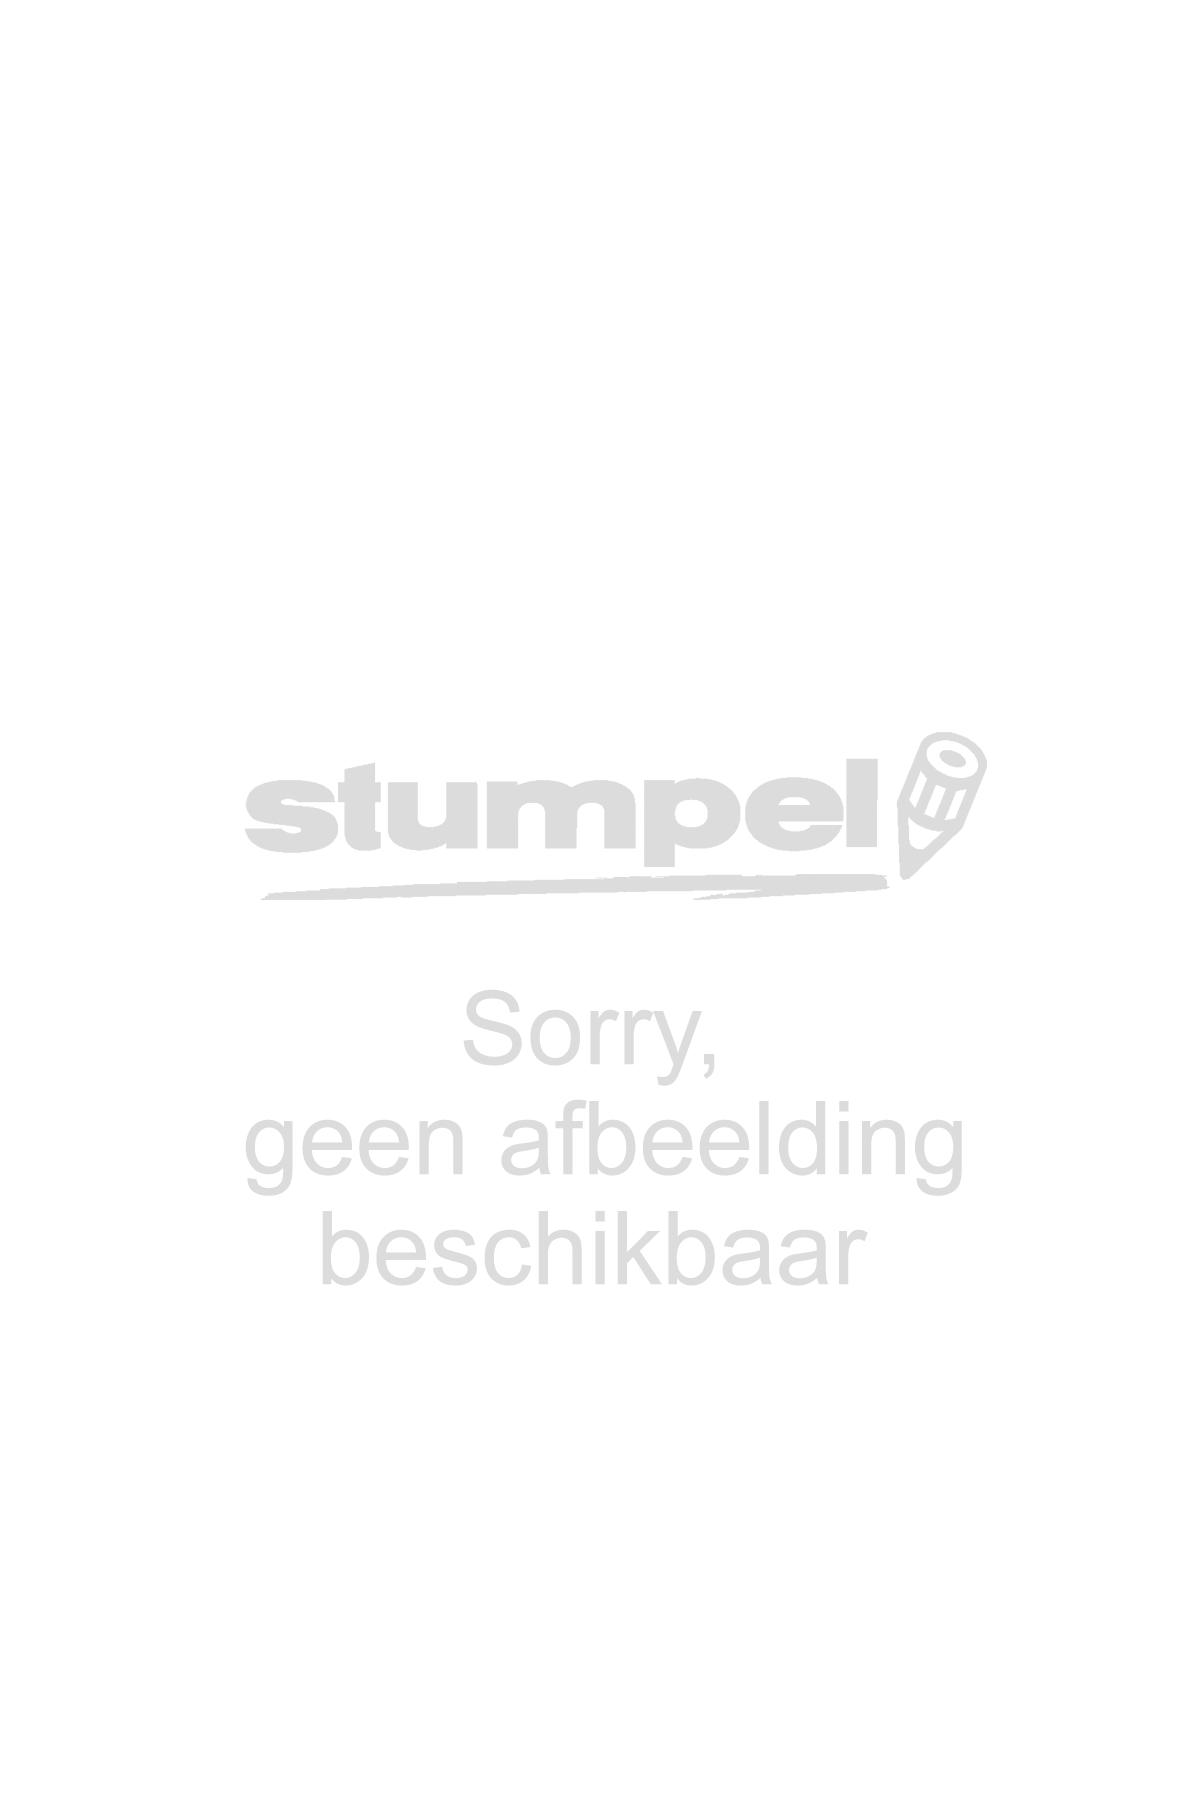 longeren-met-lammert-haanstra-ebook-9789052107714